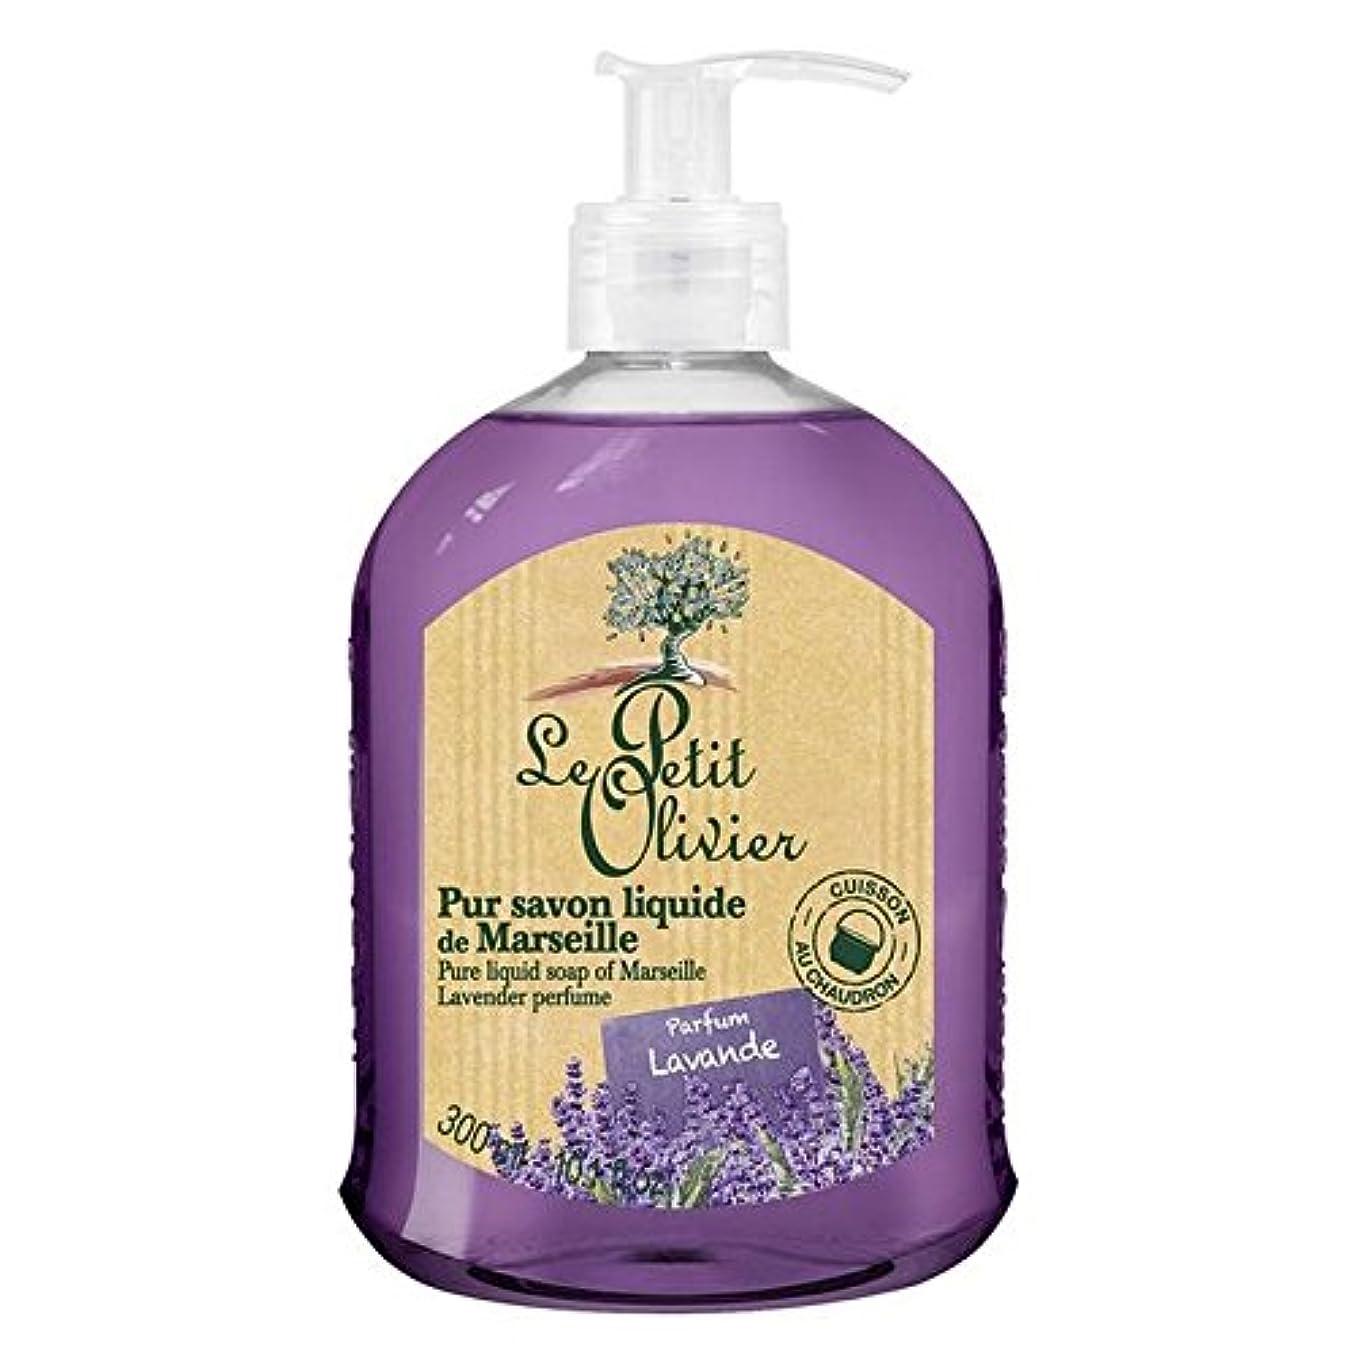 ひねり敷居頻繁にマルセイユのル?プティ?オリヴィエ純粋な液体石鹸、ラベンダー300ミリリットル x2 - Le Petit Olivier Pure Liquid Soap of Marseille, Lavender 300ml (Pack...